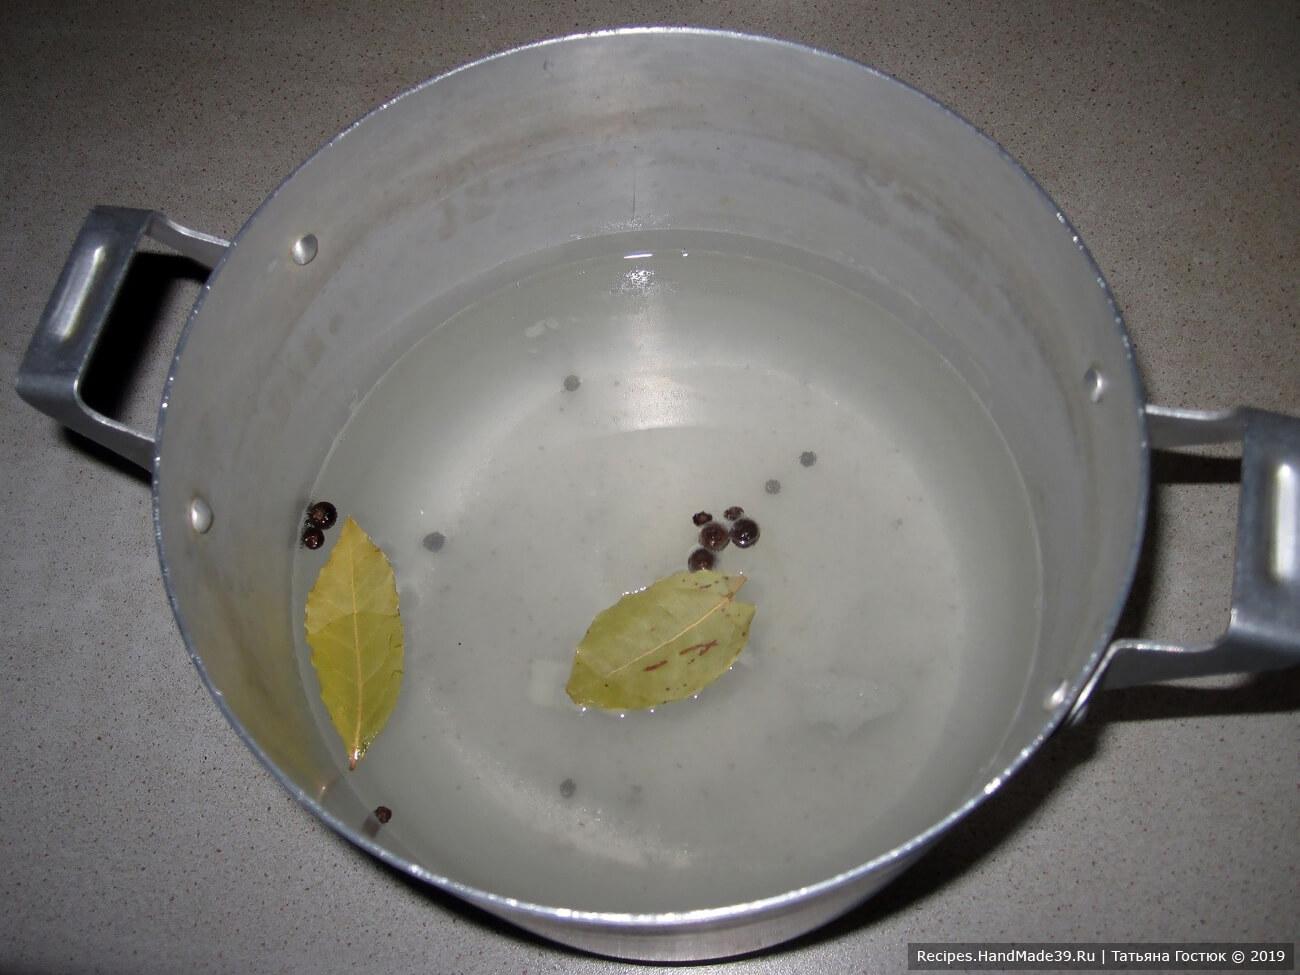 Соль растворяем в воде, добавляем перец горошком, гвоздику, лавровый лист. Доводим до кипения